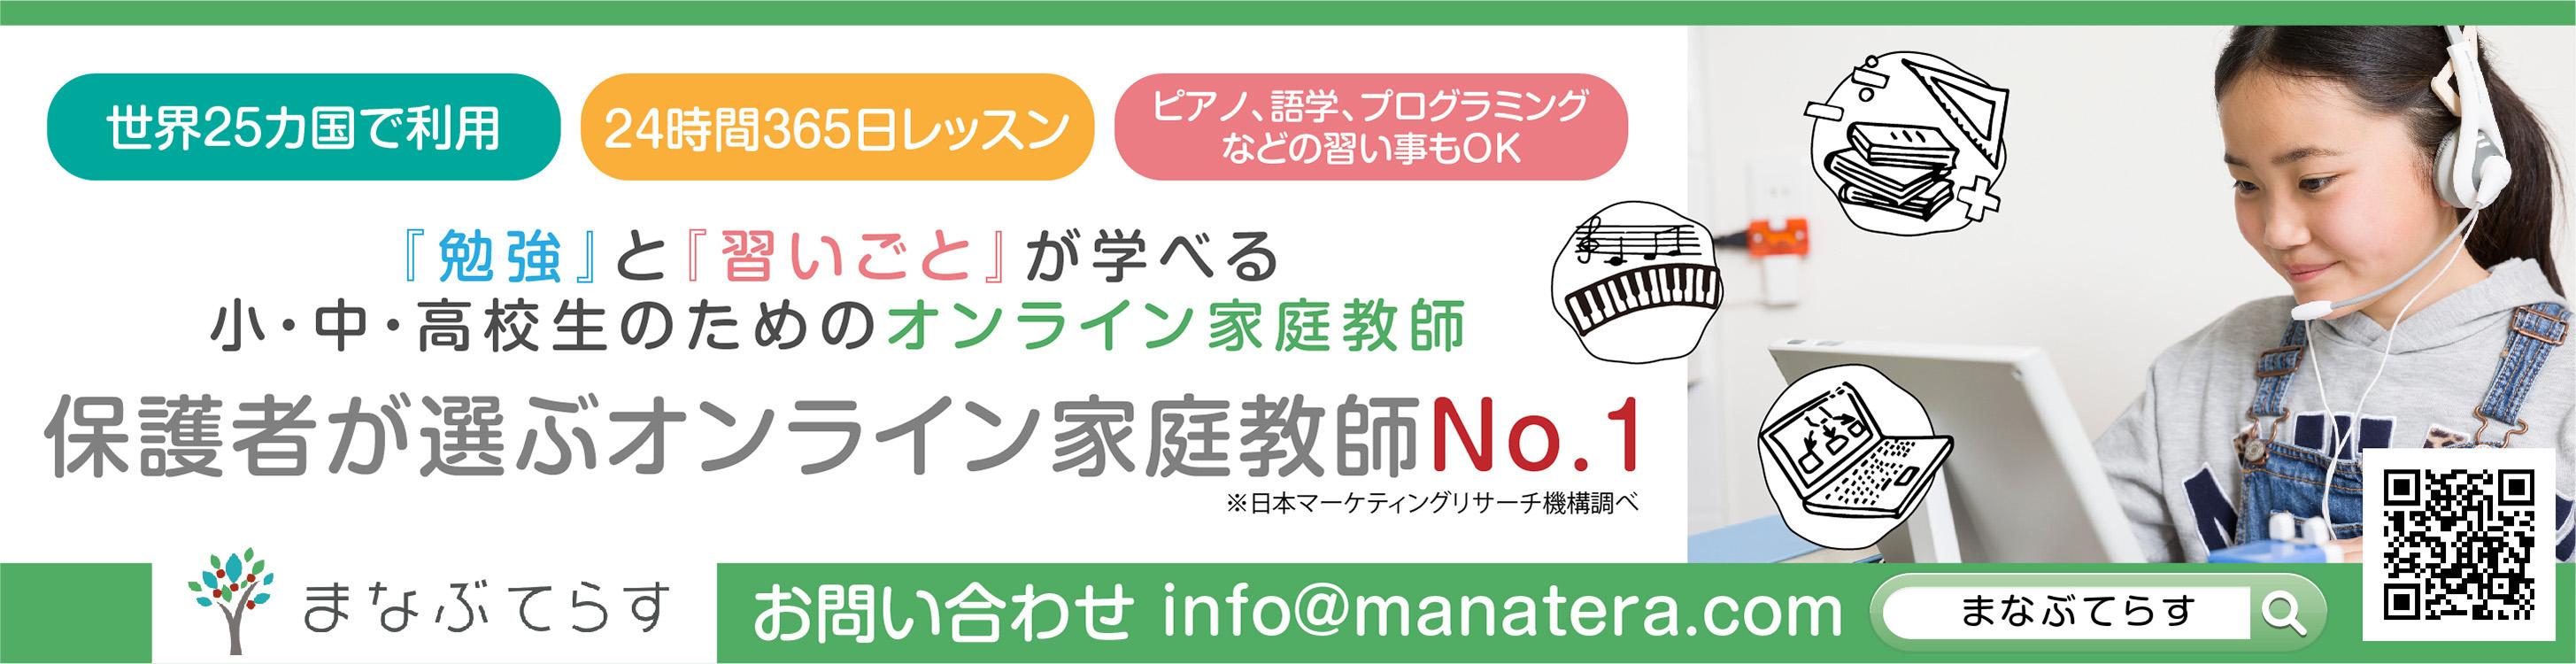 株式会社キャニオン・マインド